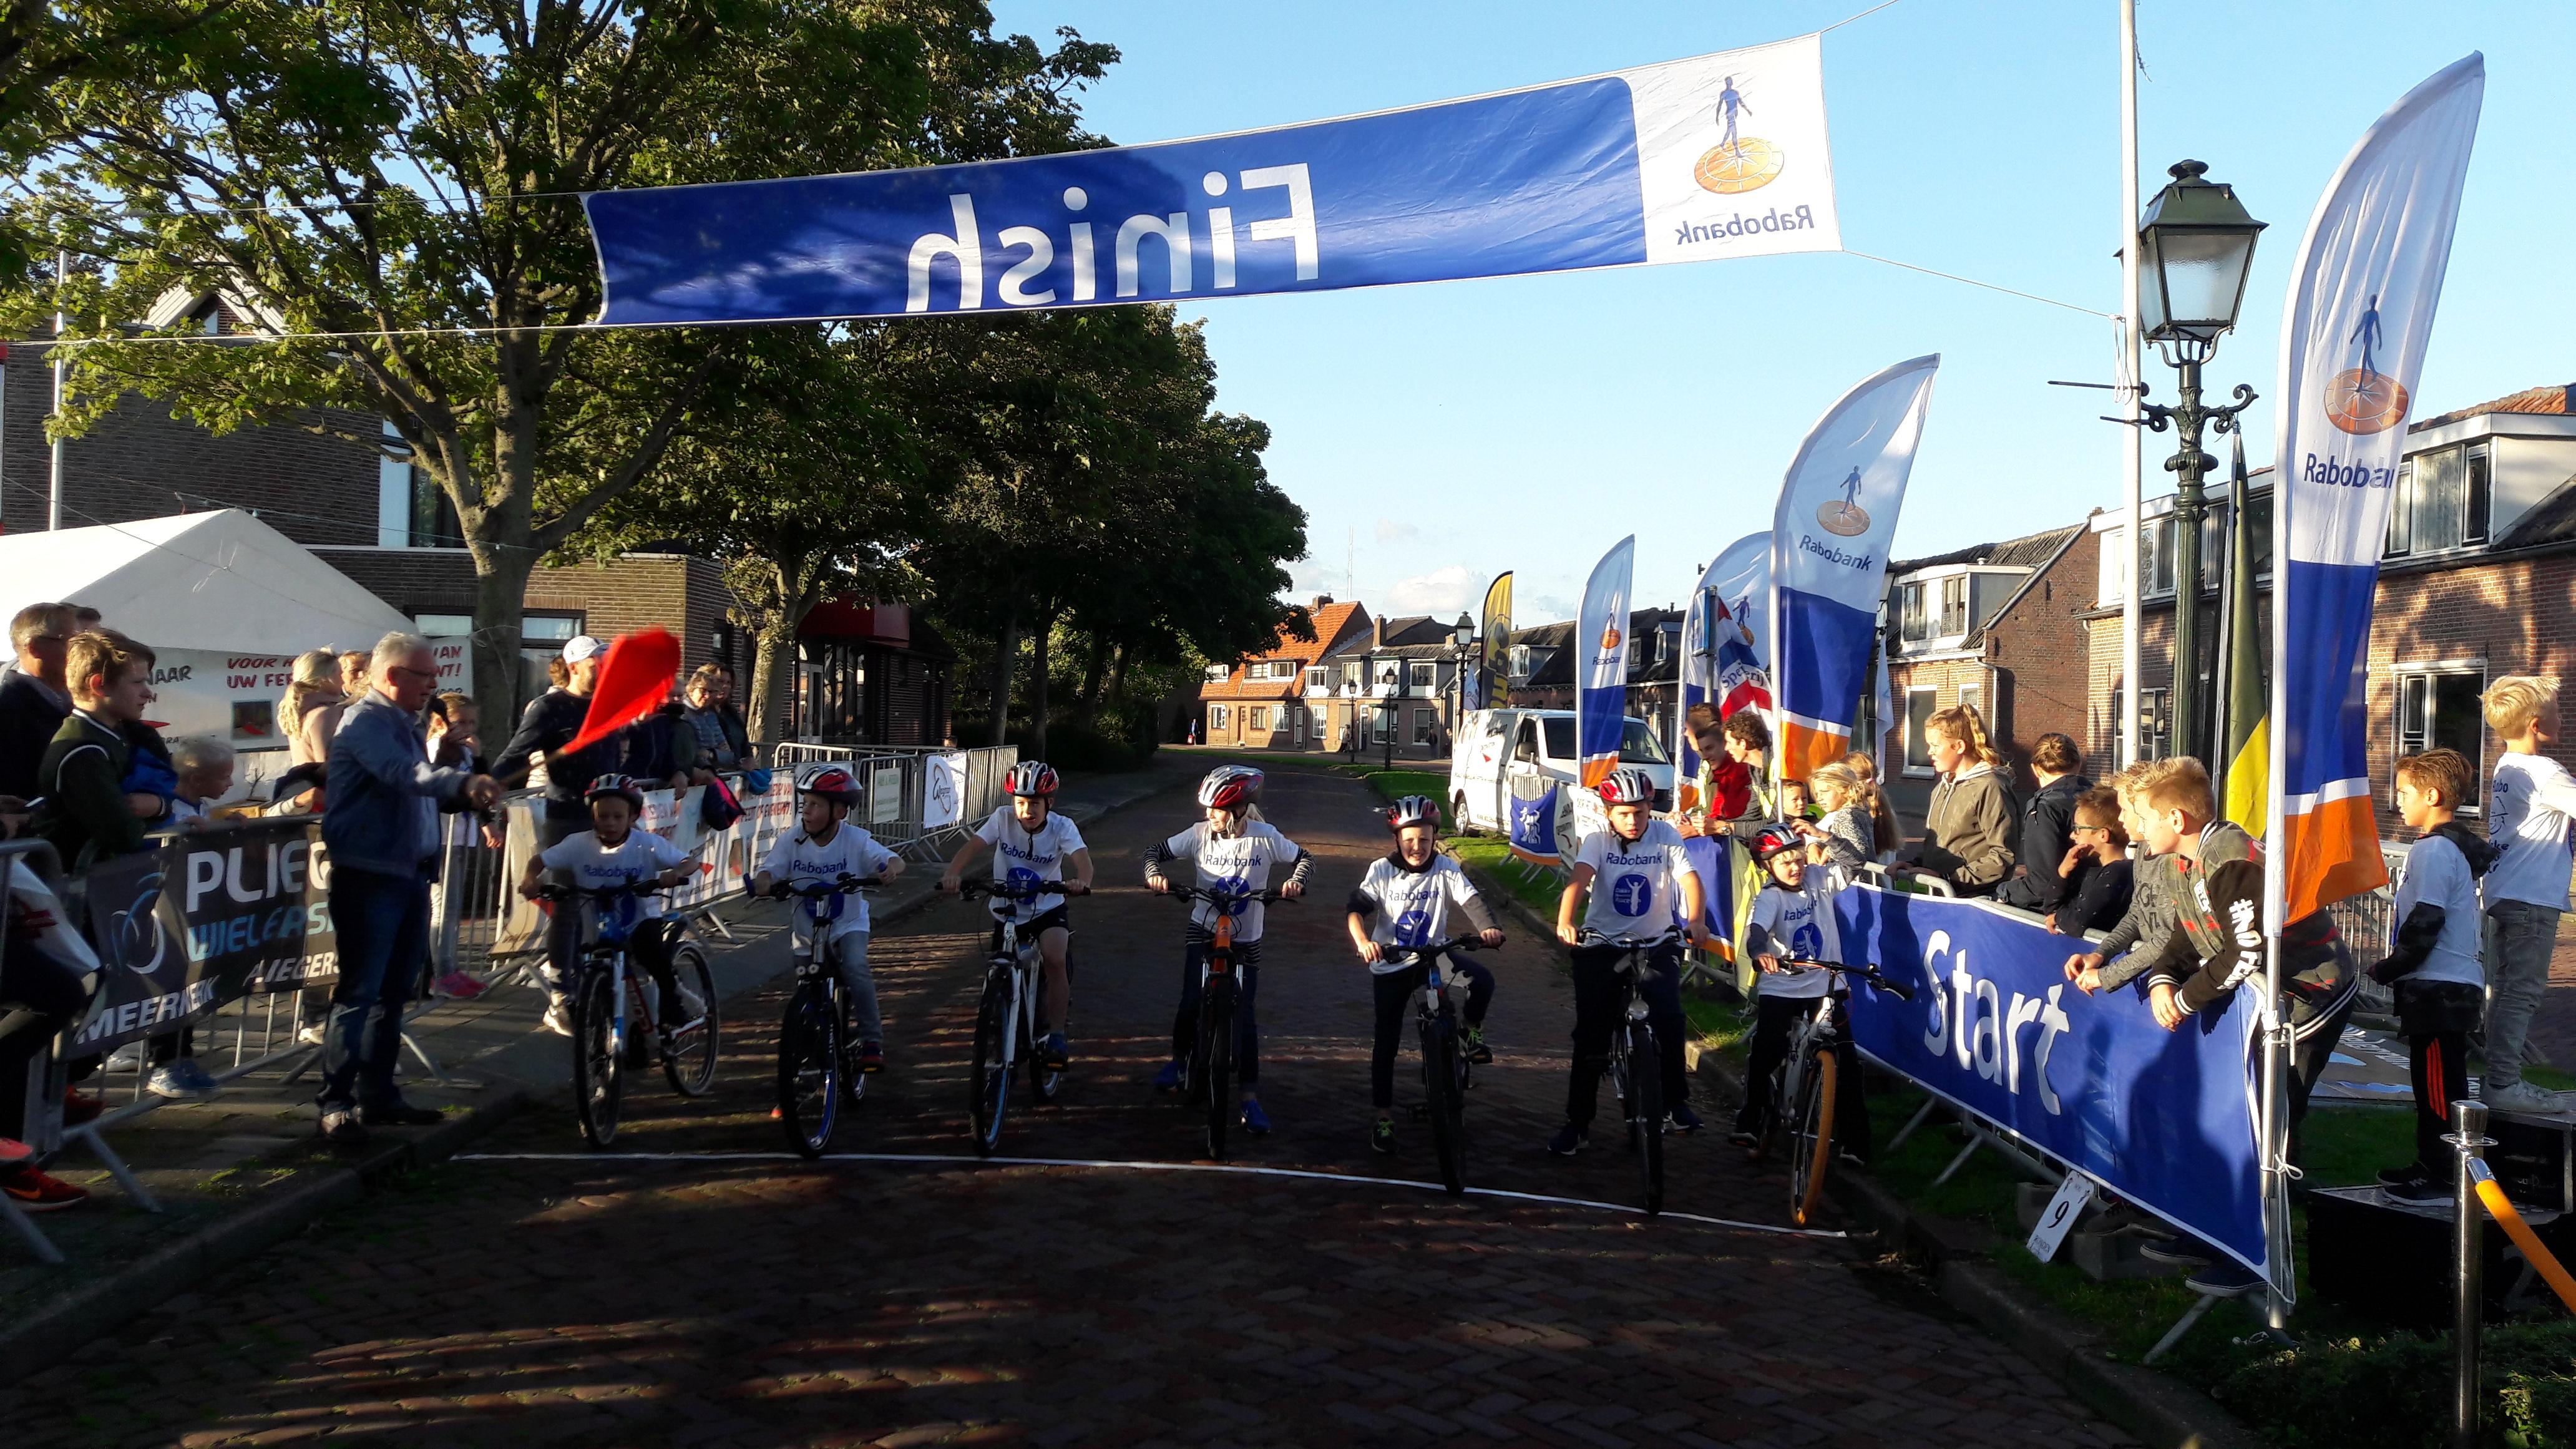 Klaar_voor_de_start_Rabobank_Dikke_Banden_Race_Ameide_2017